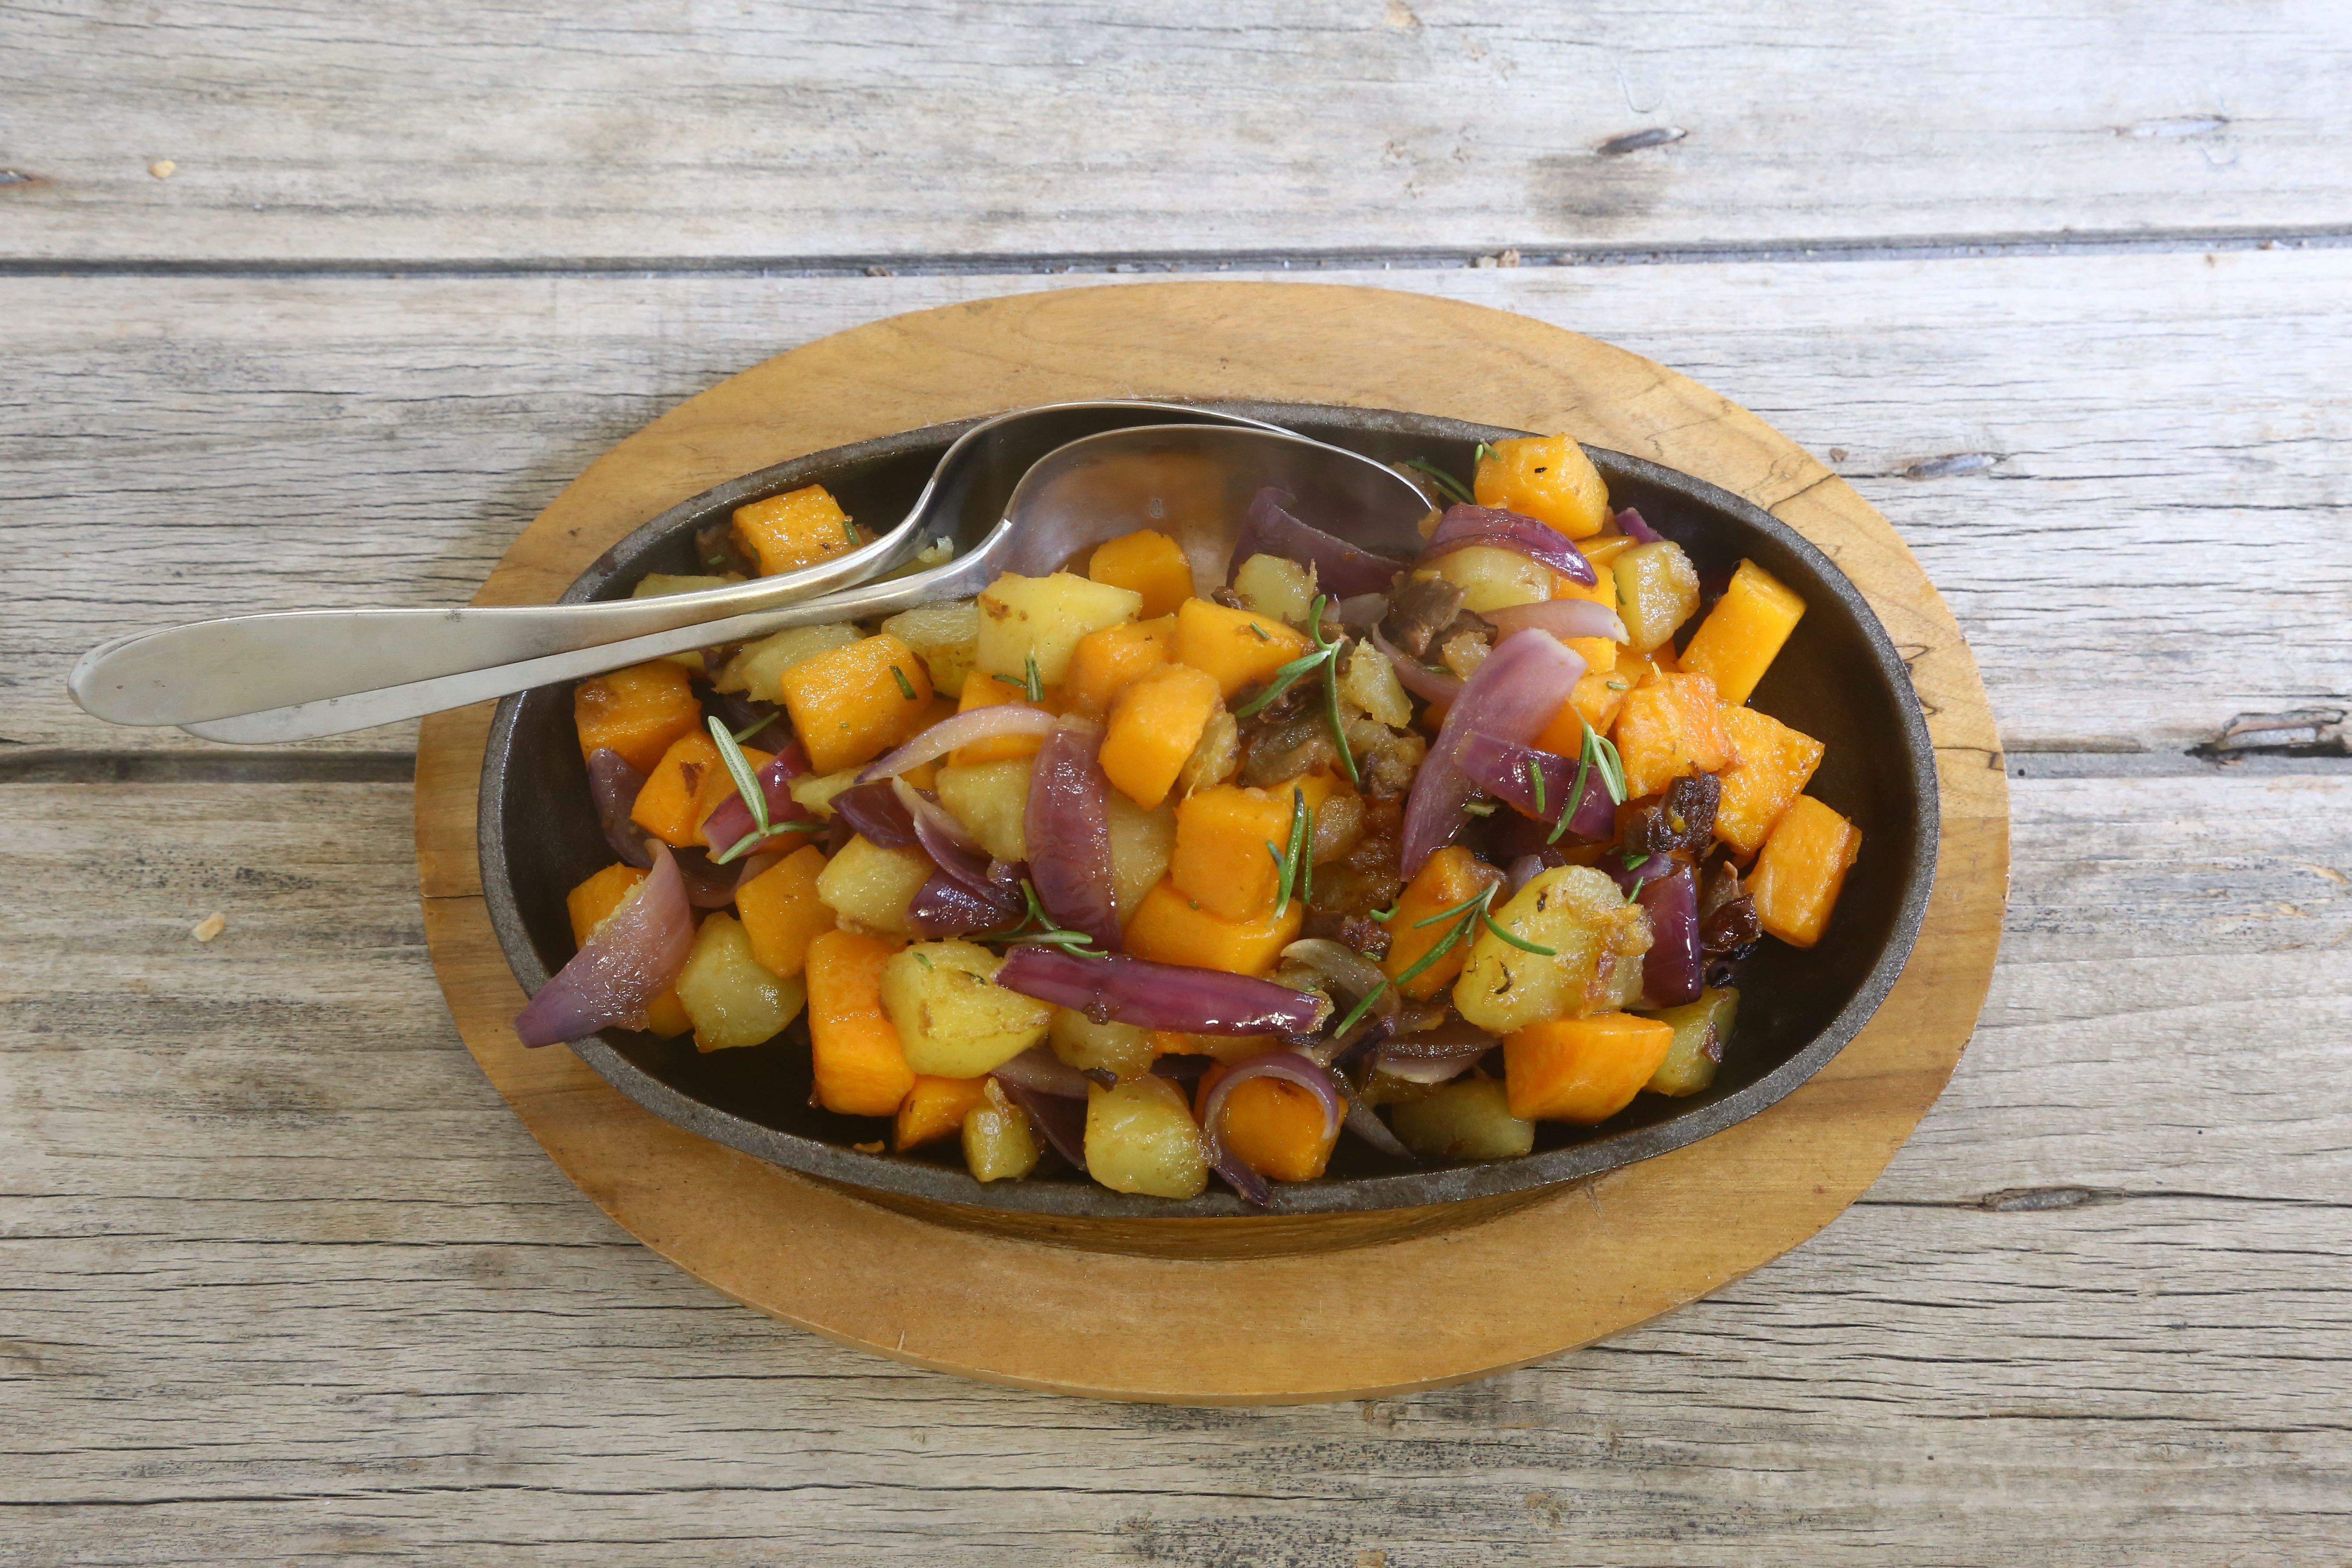 Zucca e patate in padella: la ricetta del contorno autunnale saporito e colorato